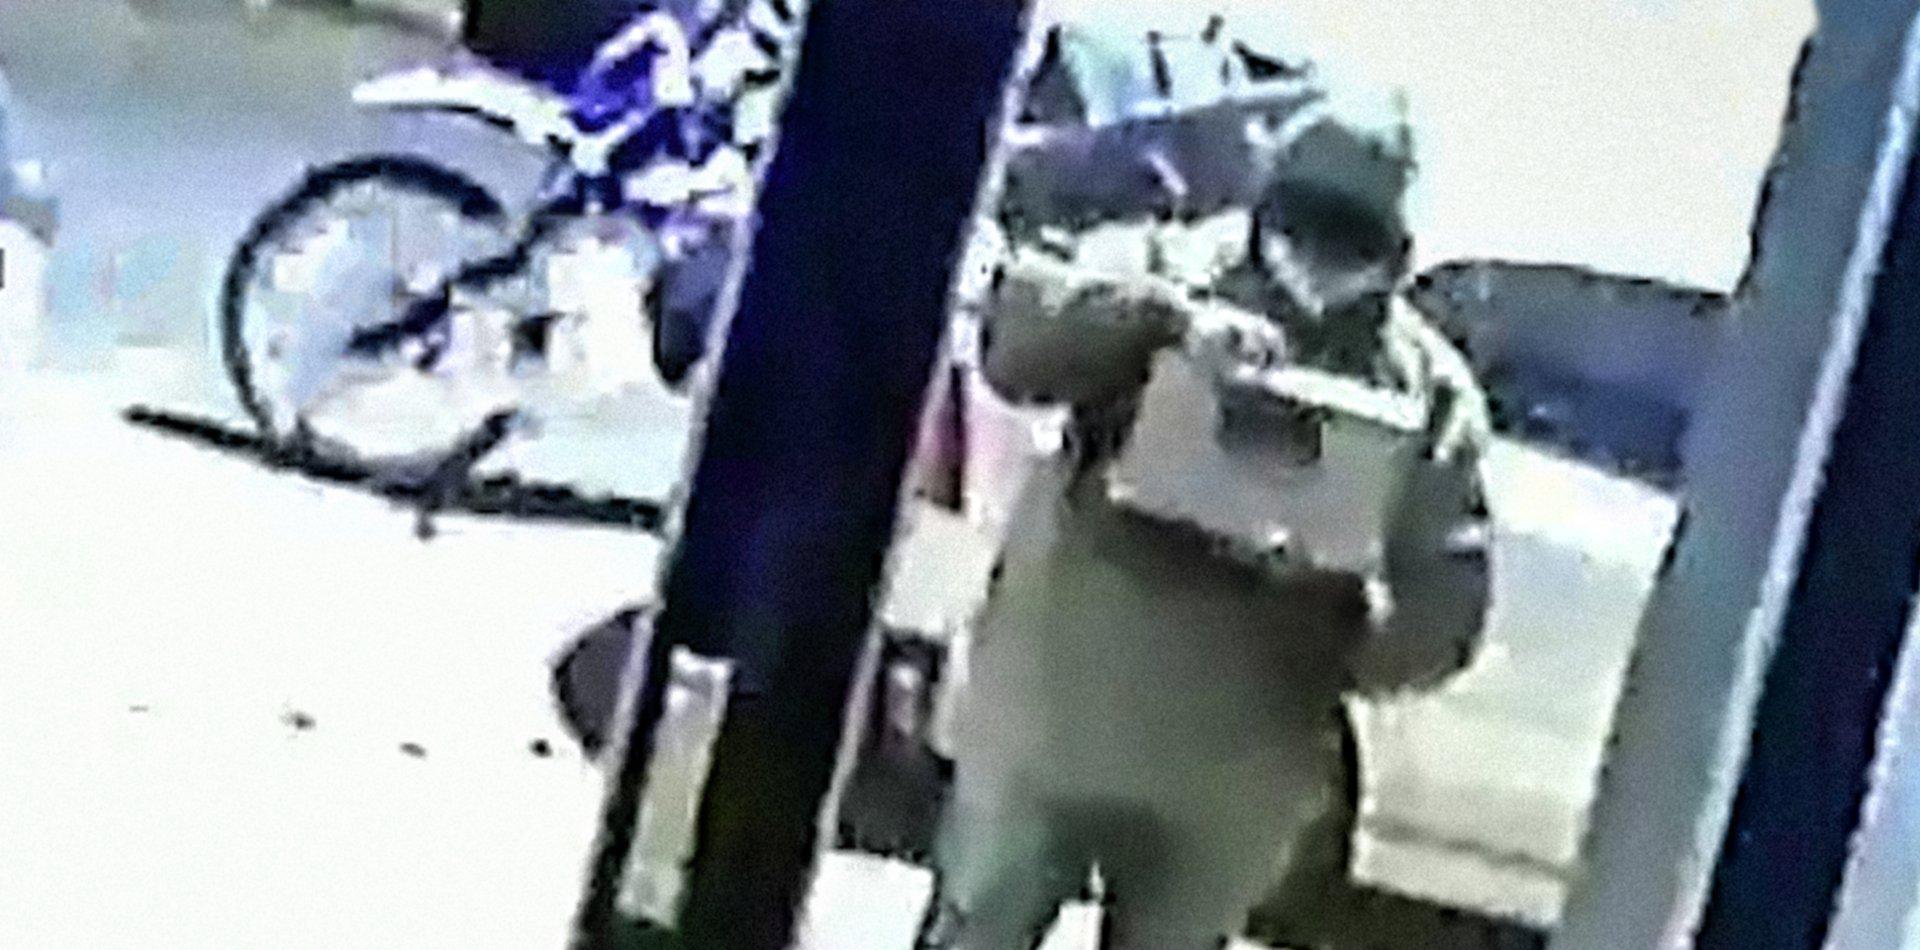 VIDEO: Un repartidor en La Plata escupió un pedido de comida antes de entregarlo